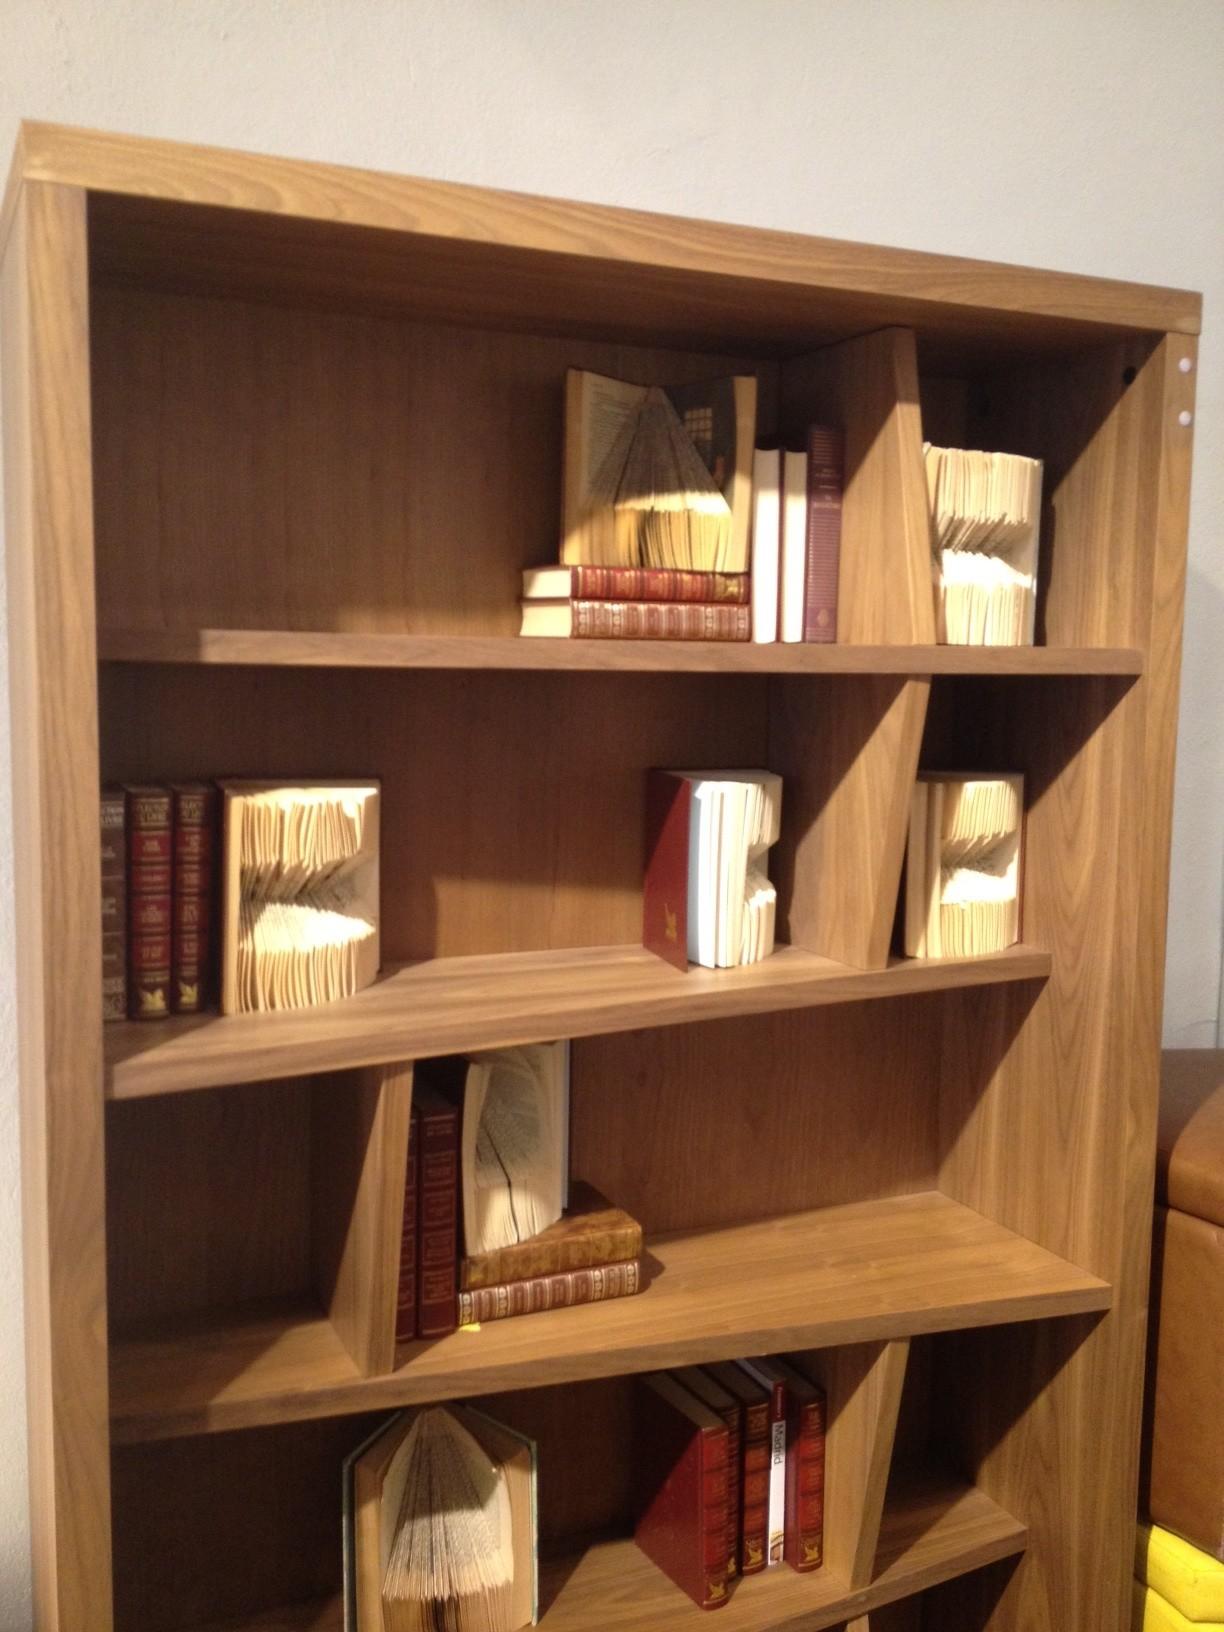 sculptures de livres une touche d 39 originalit dans la. Black Bedroom Furniture Sets. Home Design Ideas